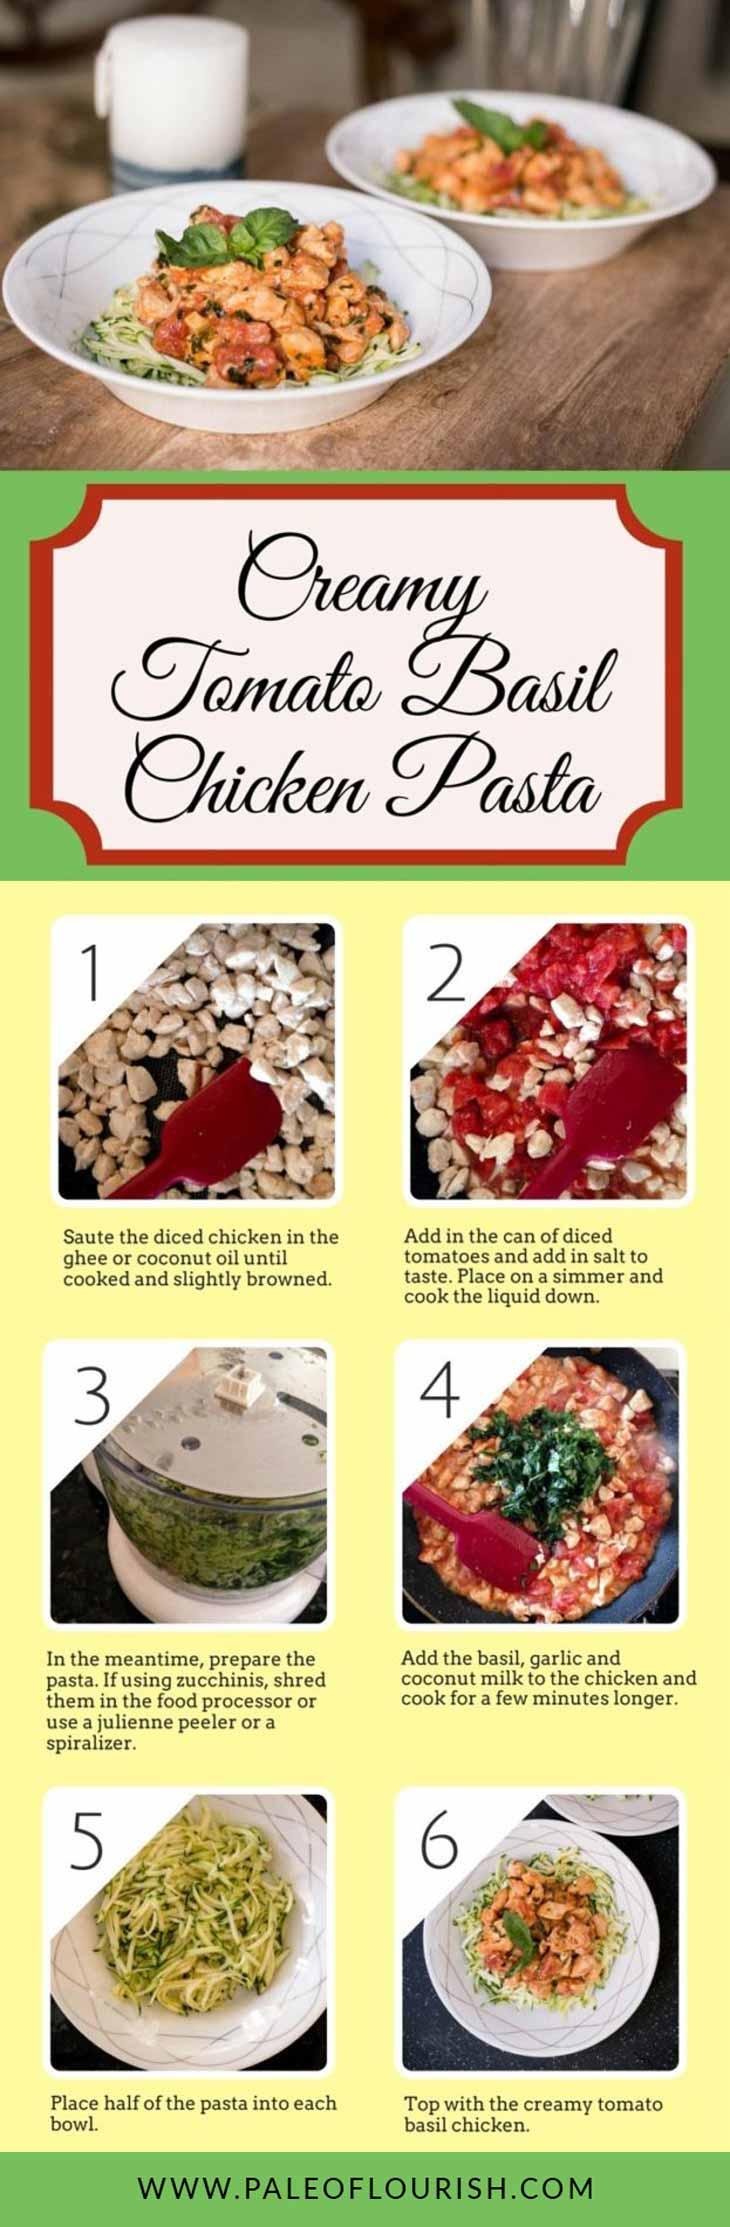 Creamy Tomato Basil Chicken Pasta Recipe